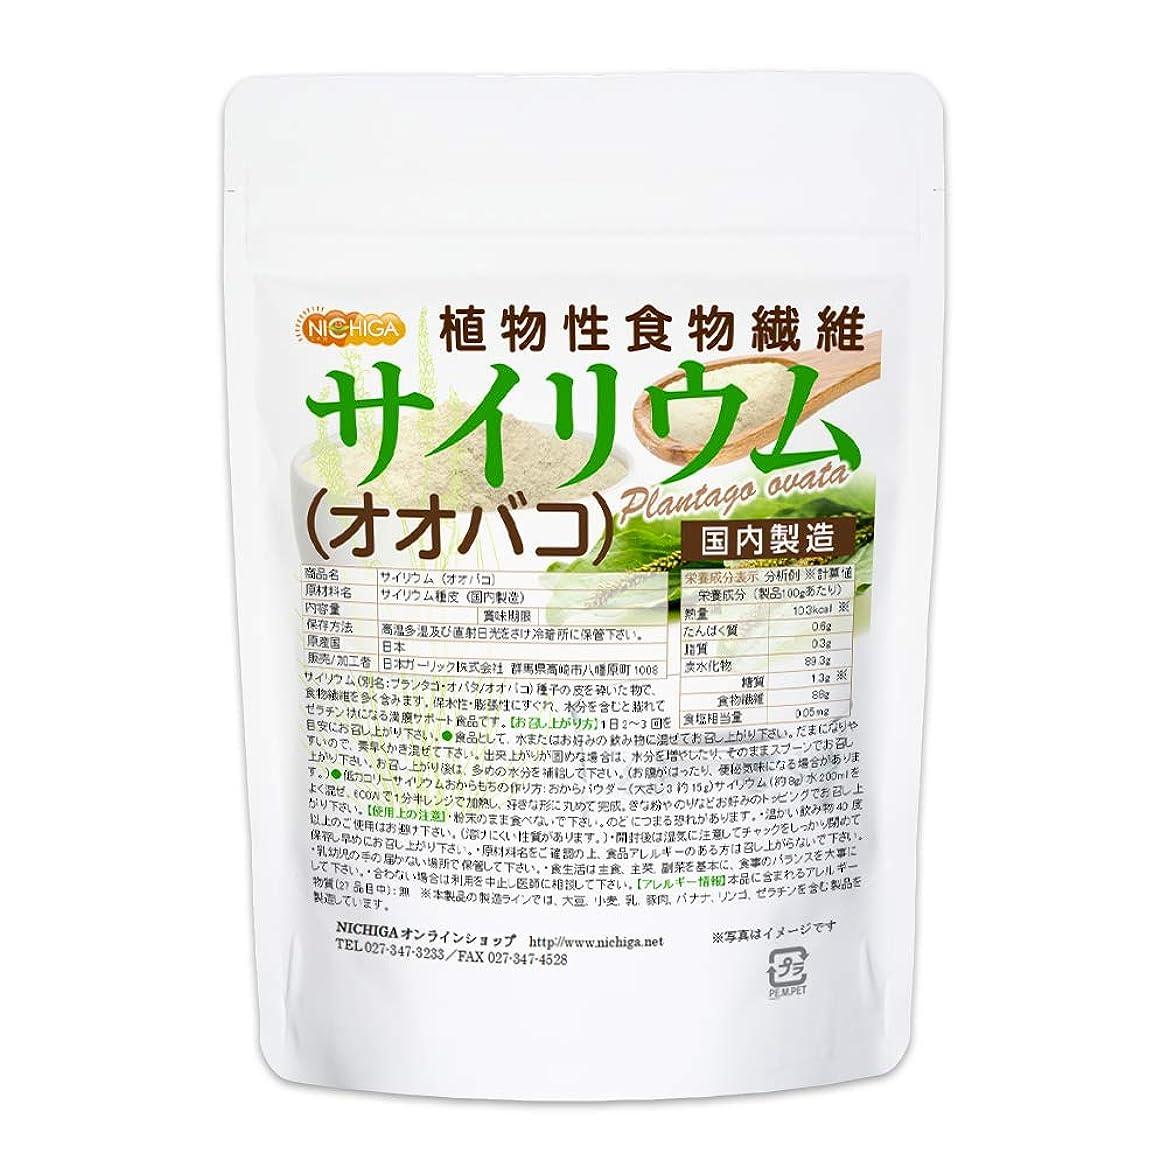 私たちのバクテリア治すサイリウム(オオバコ) 150g 国内製造 植物性食物繊維 Plantago ovata [01] NICHIGA(ニチガ)